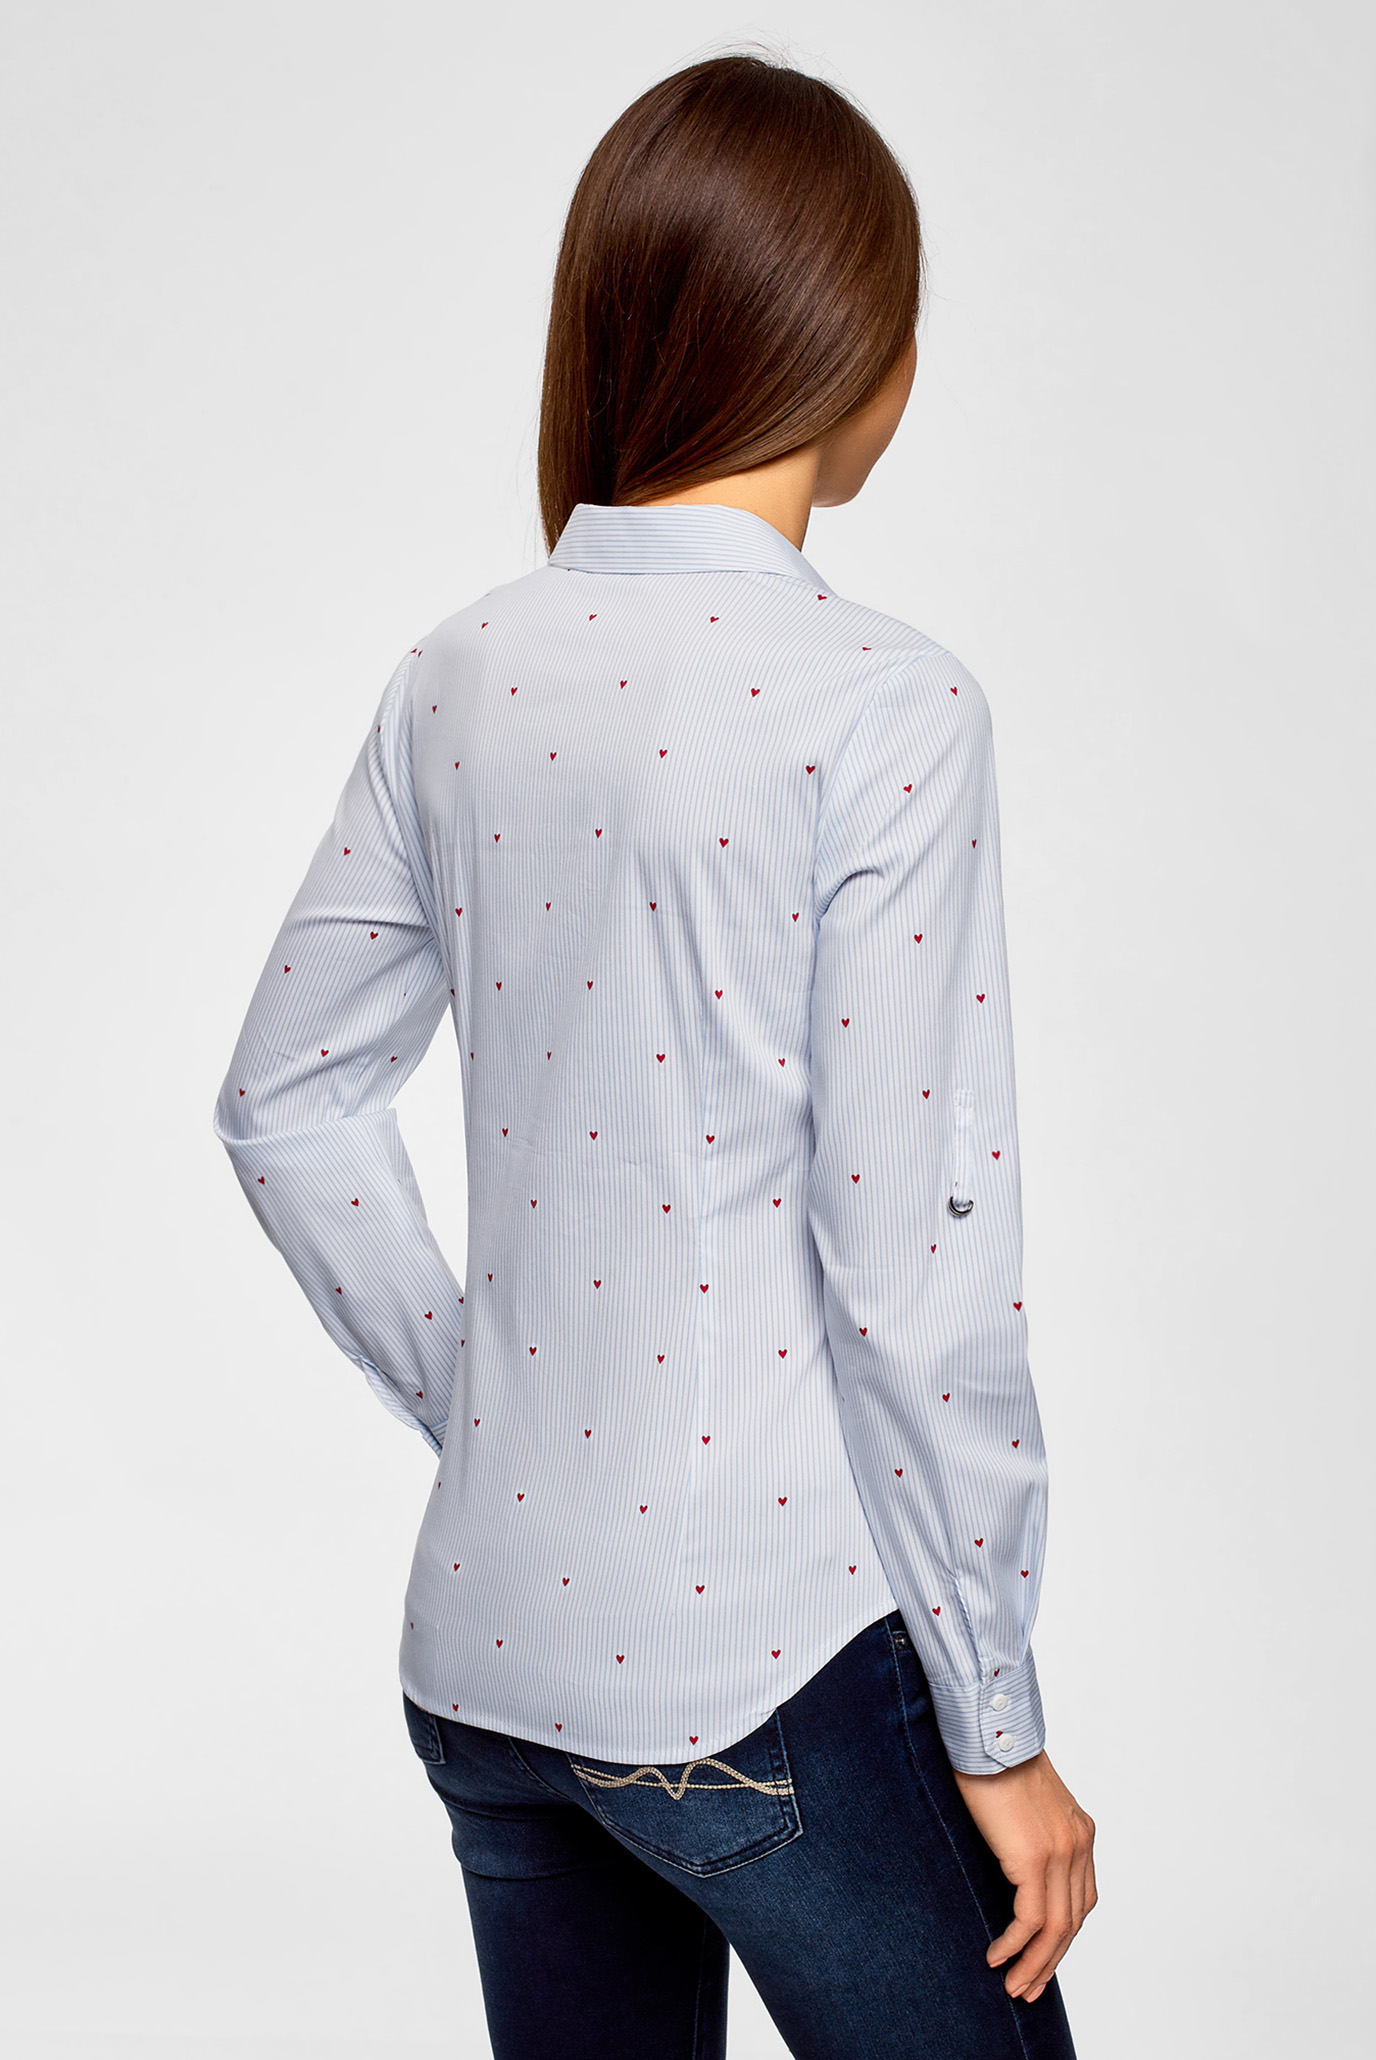 Купить Женская белая блуза с принтом Oodji Oodji 13K03002-3B/45202/1075O – Киев, Украина. Цены в интернет магазине MD Fashion